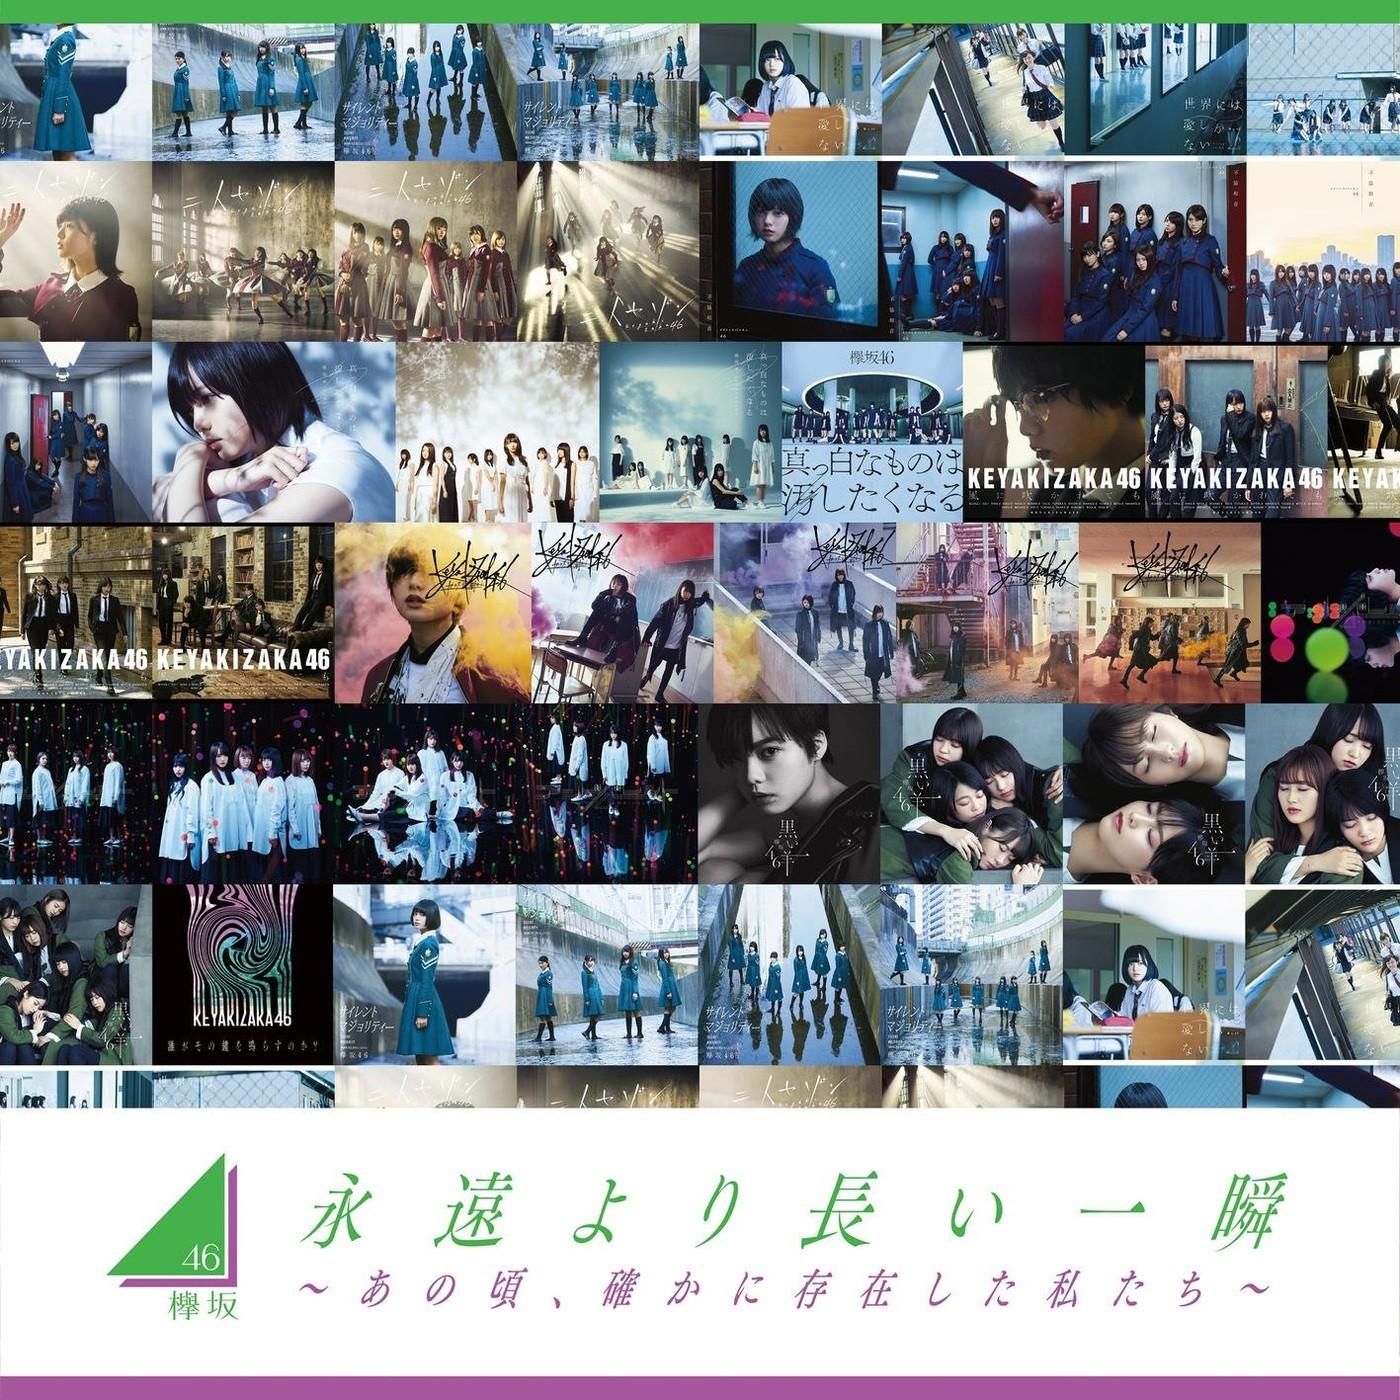 欅坂46 (Keyakizaka46) – 永遠より長い一瞬 ~あの頃、確かに存在した私たち~ [FLAC + MP3 320 + Blu-ray ISO] [2020.10.07]